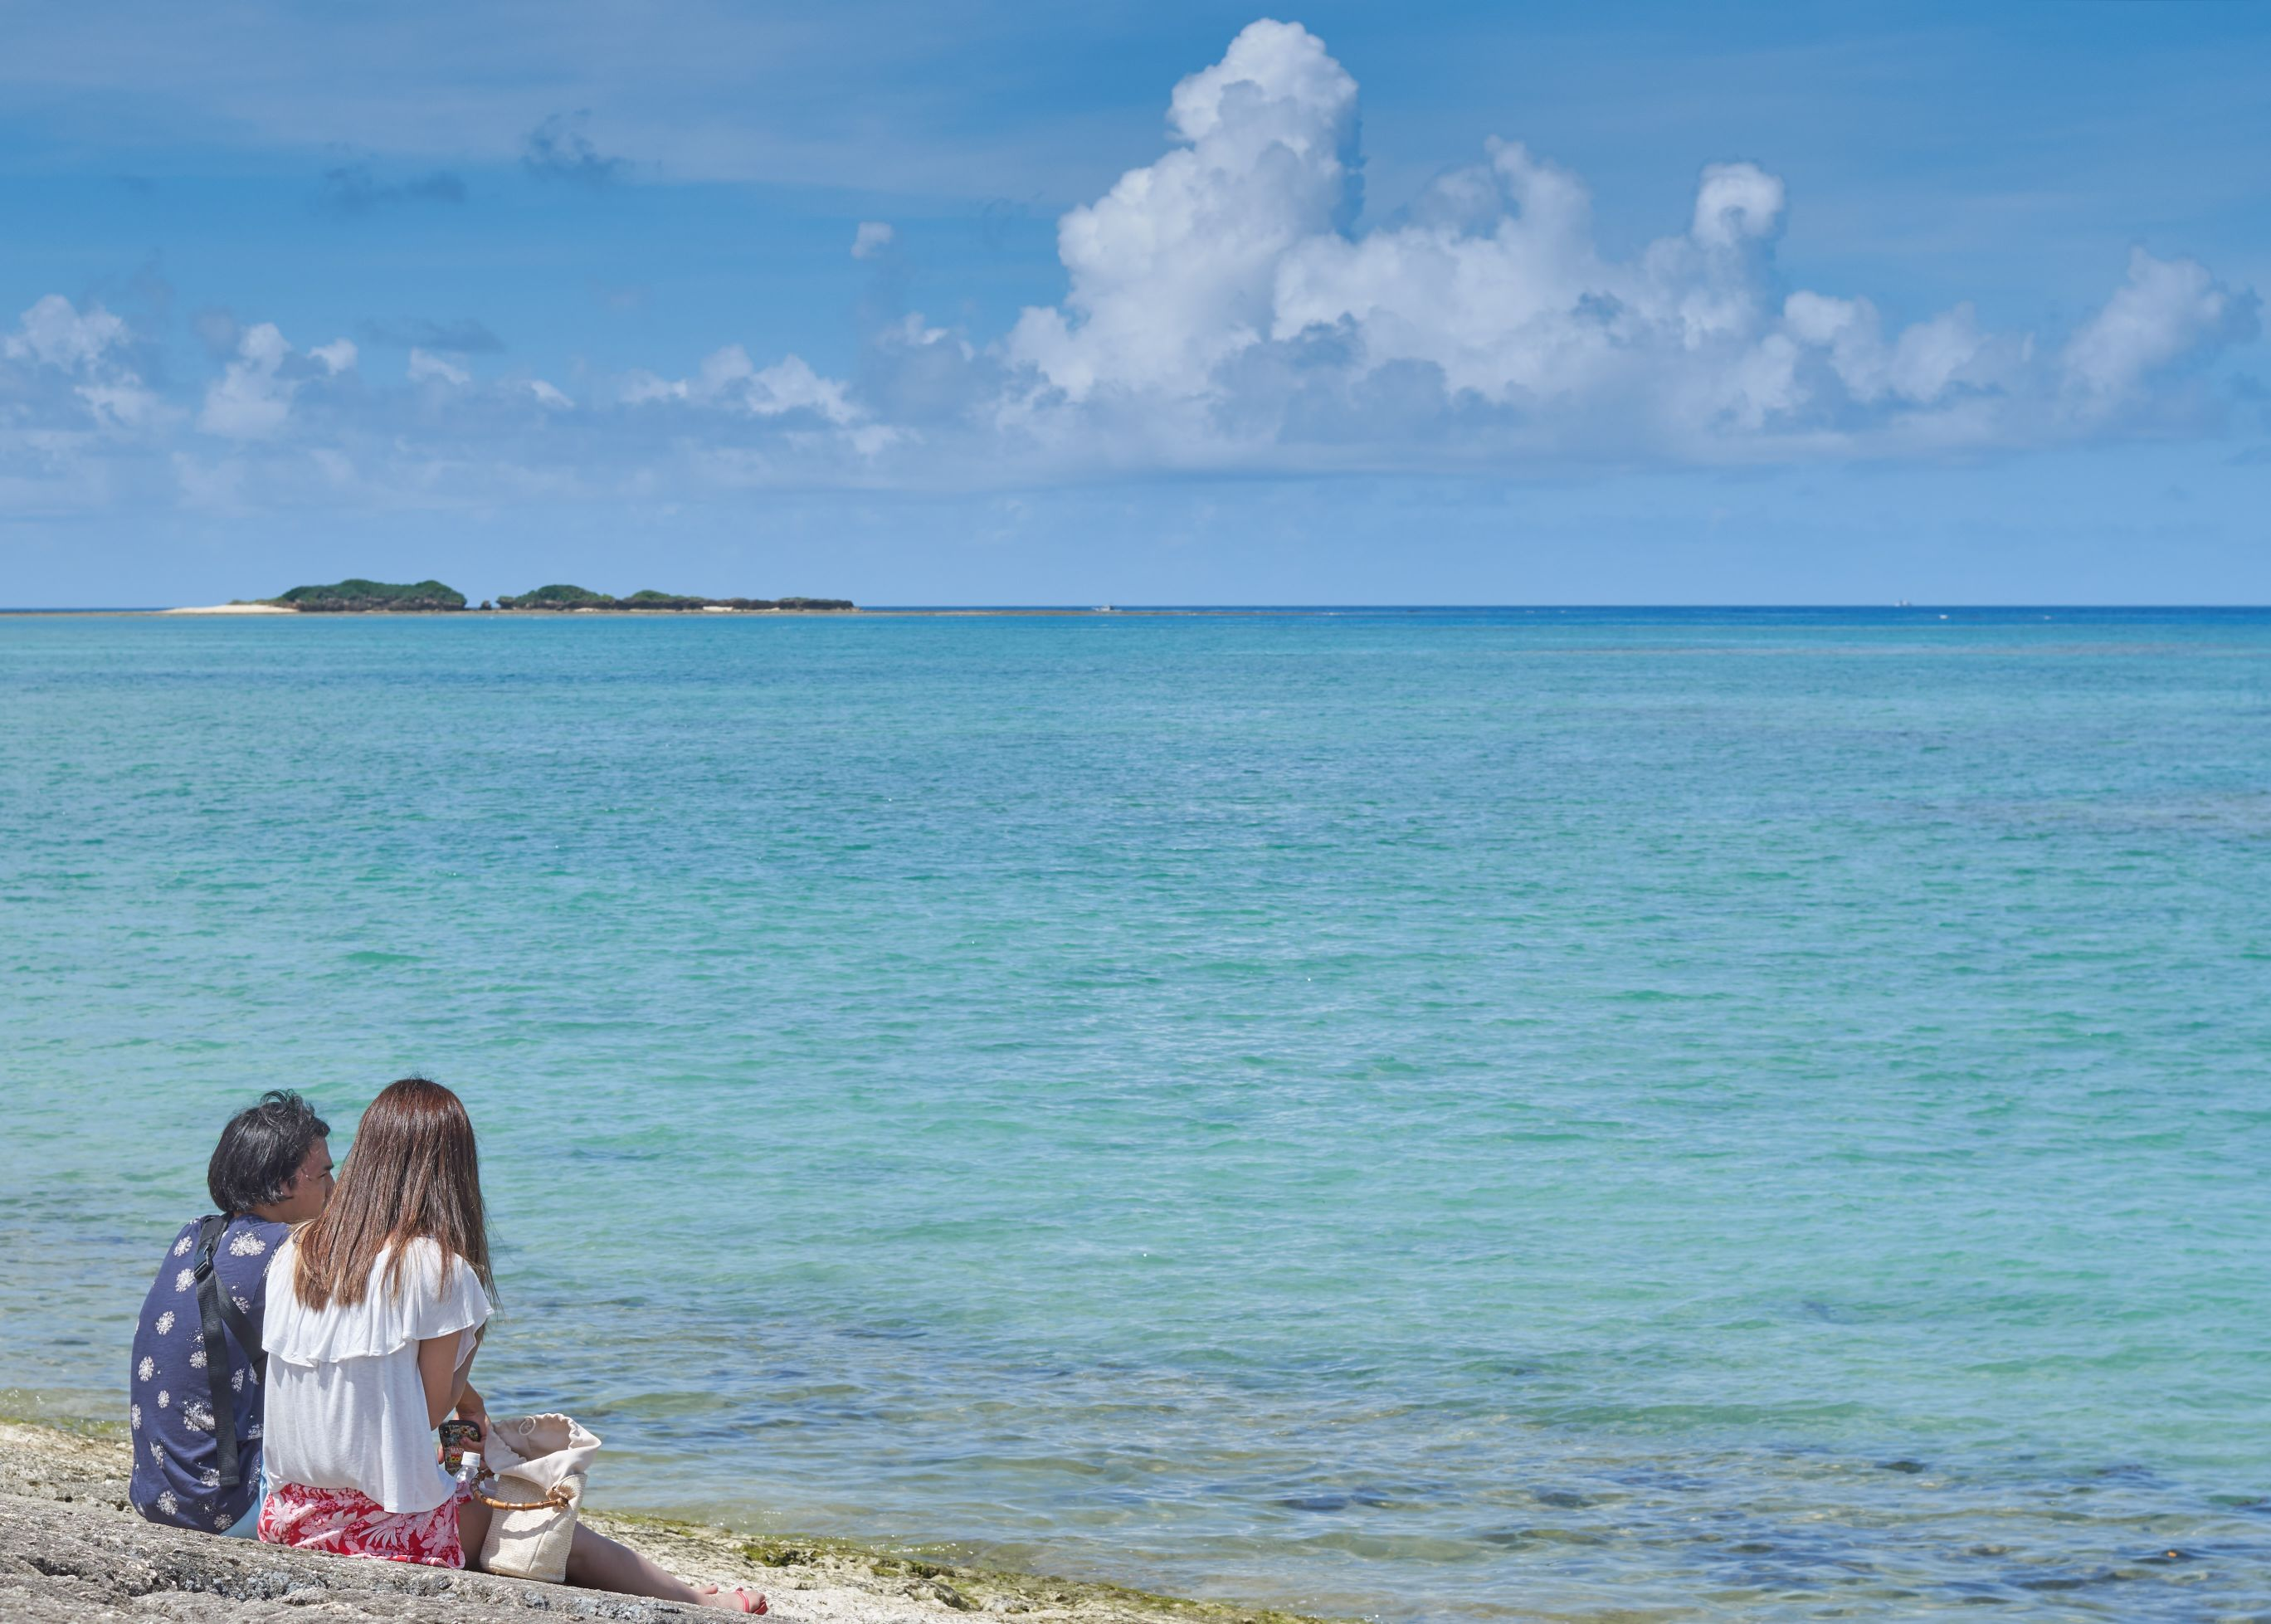 Jakie wybrać ubezpieczenie na wyjazd zagraniczny?